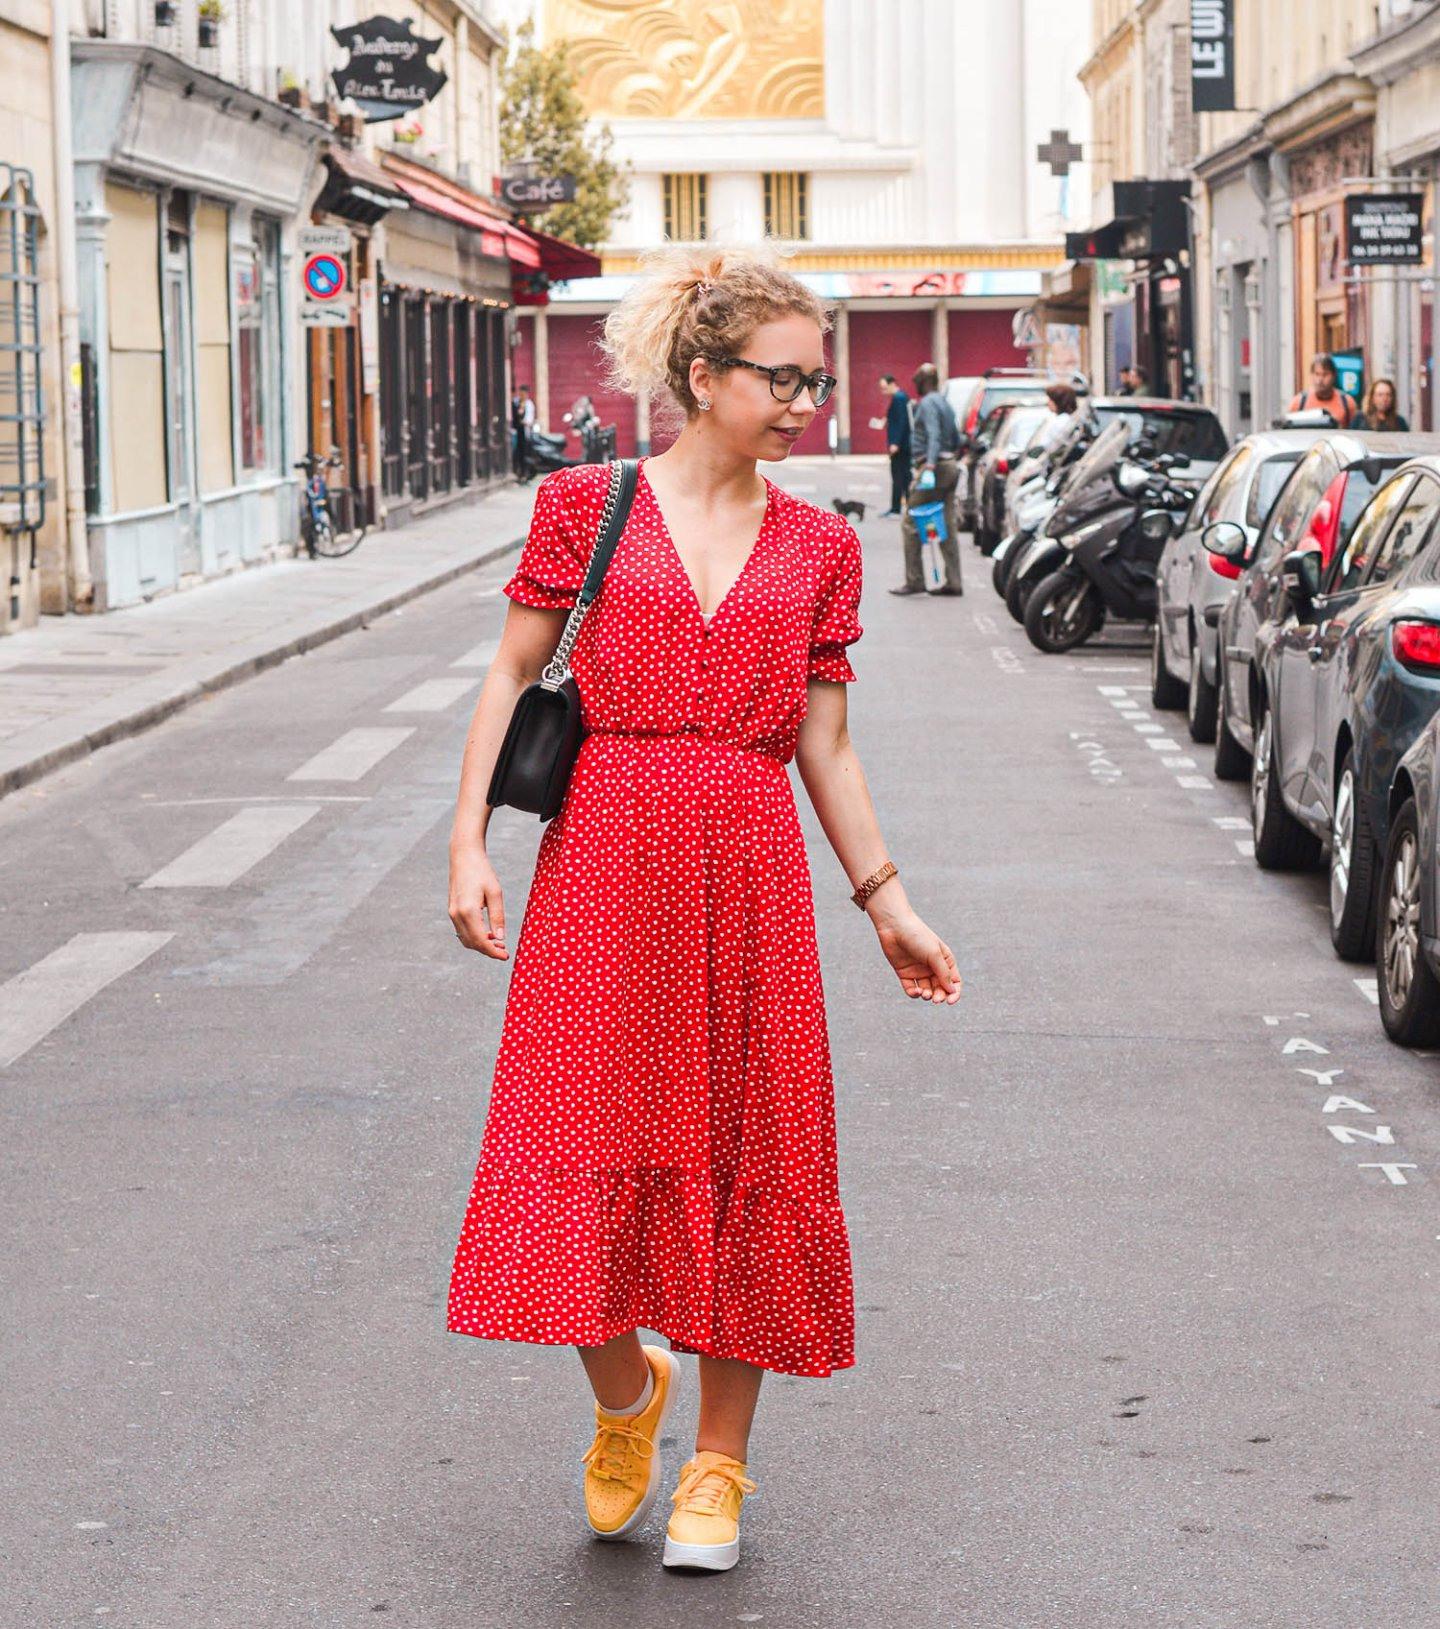 Rotes Pünktchenkleid In Paris  Feeling So Parisian